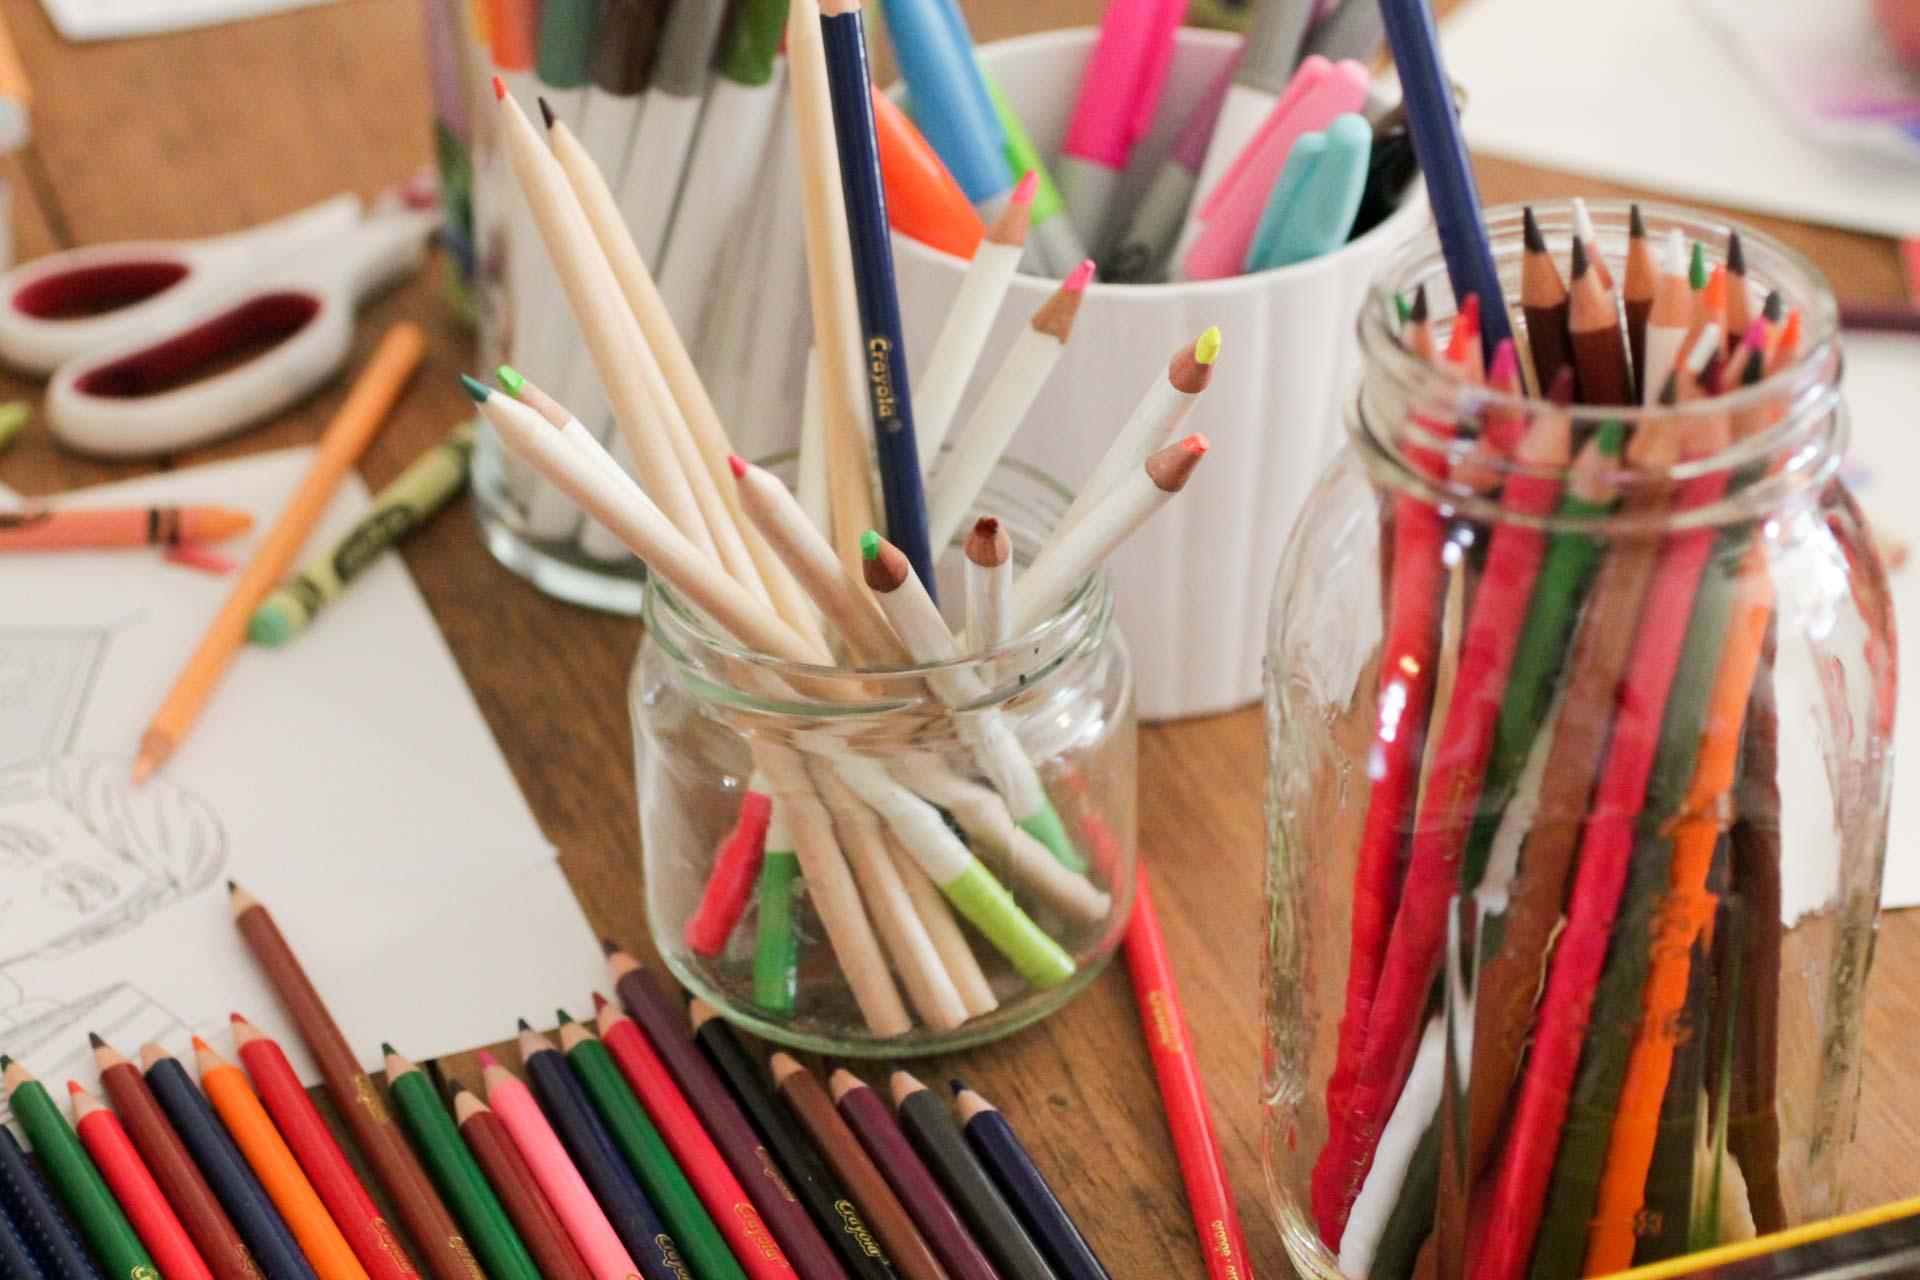 cocktailsandcraft-coloring-dc-workshop (7 of 17).jpg